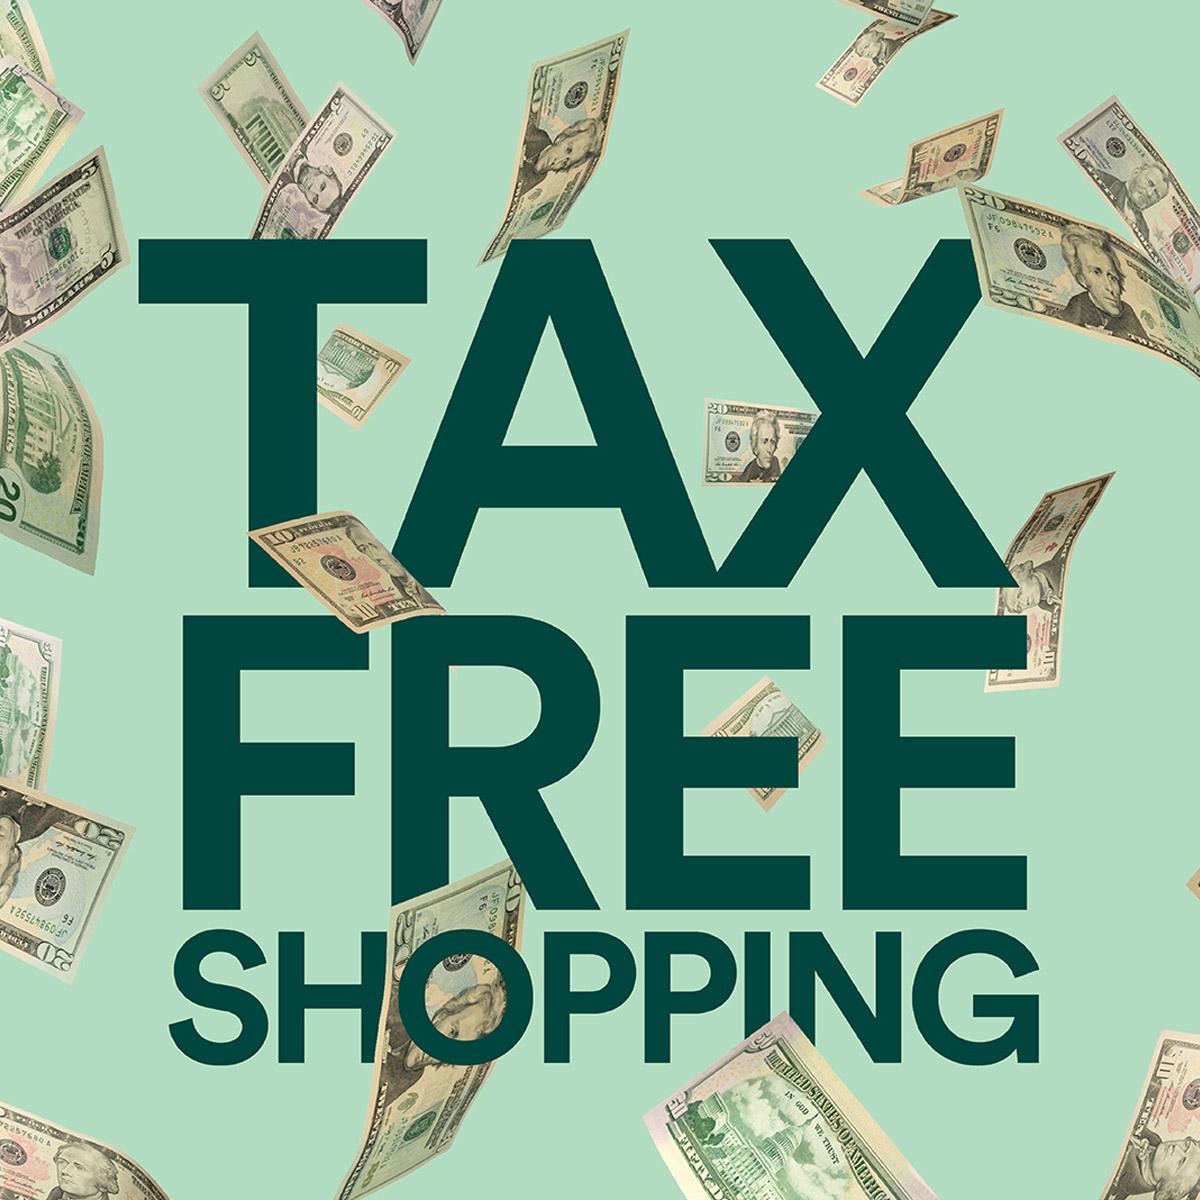 Barton Creek - Promo - Tax Free Weekend image